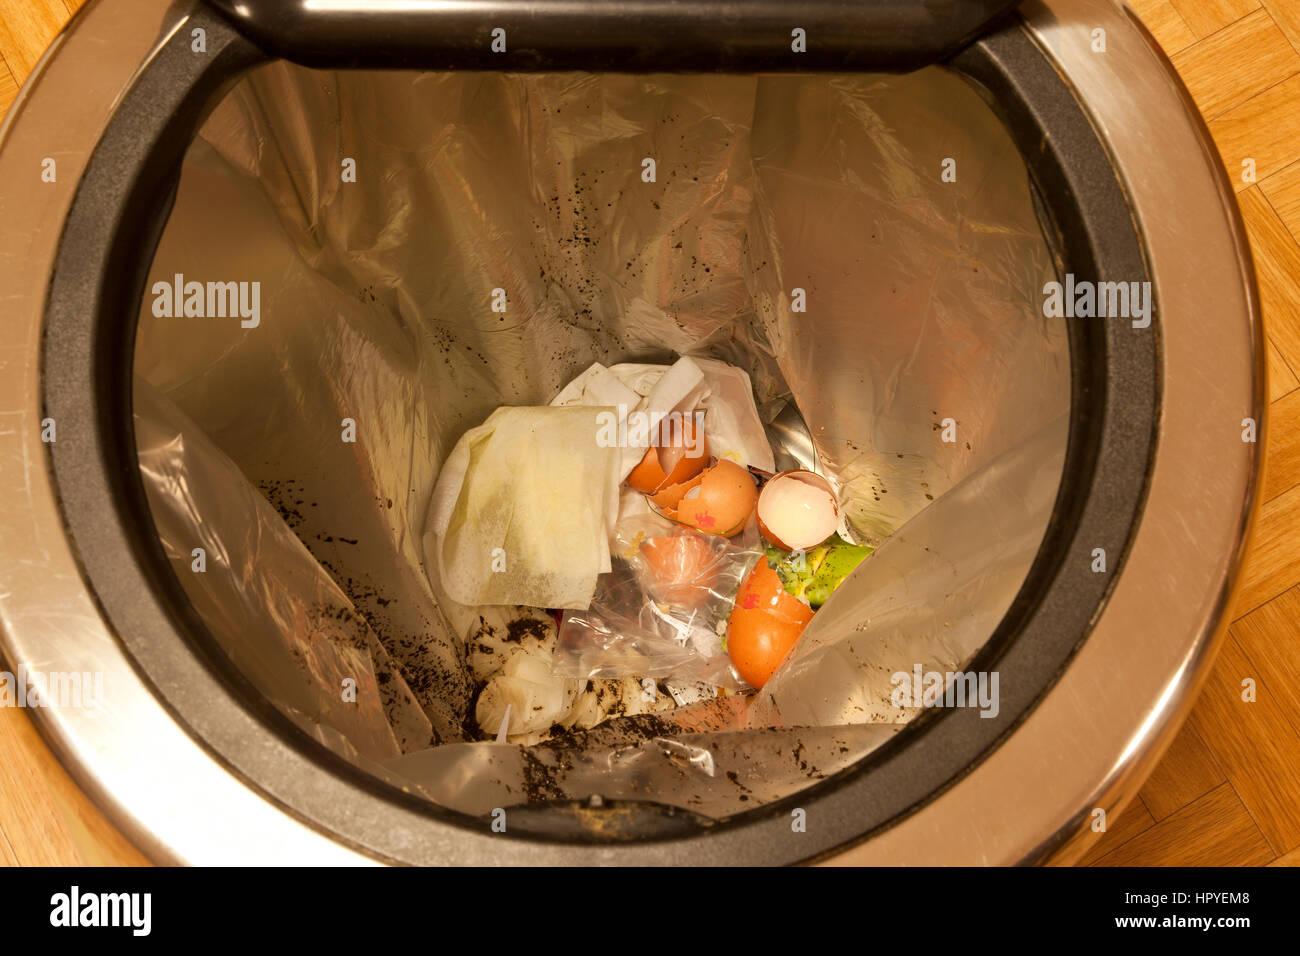 Egg Shells Trash Stockfotos & Egg Shells Trash Bilder - Alamy